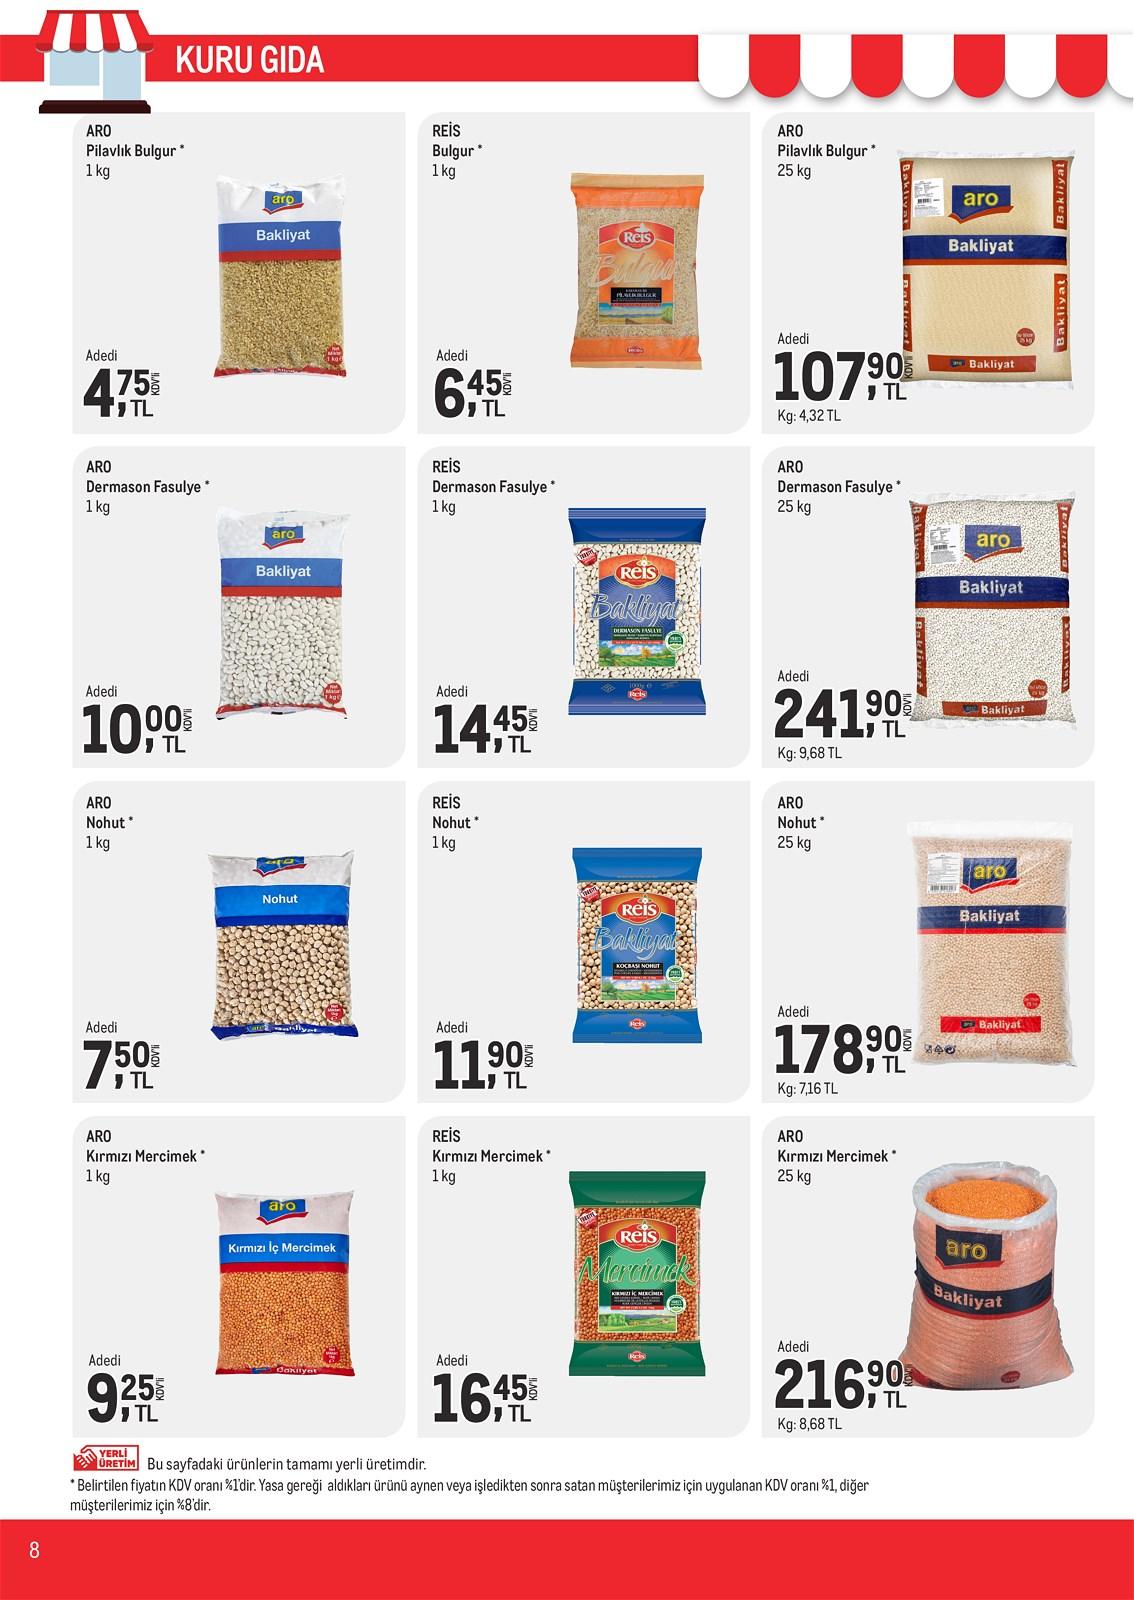 01.06.2021 Metro broşürü 8. sayfa